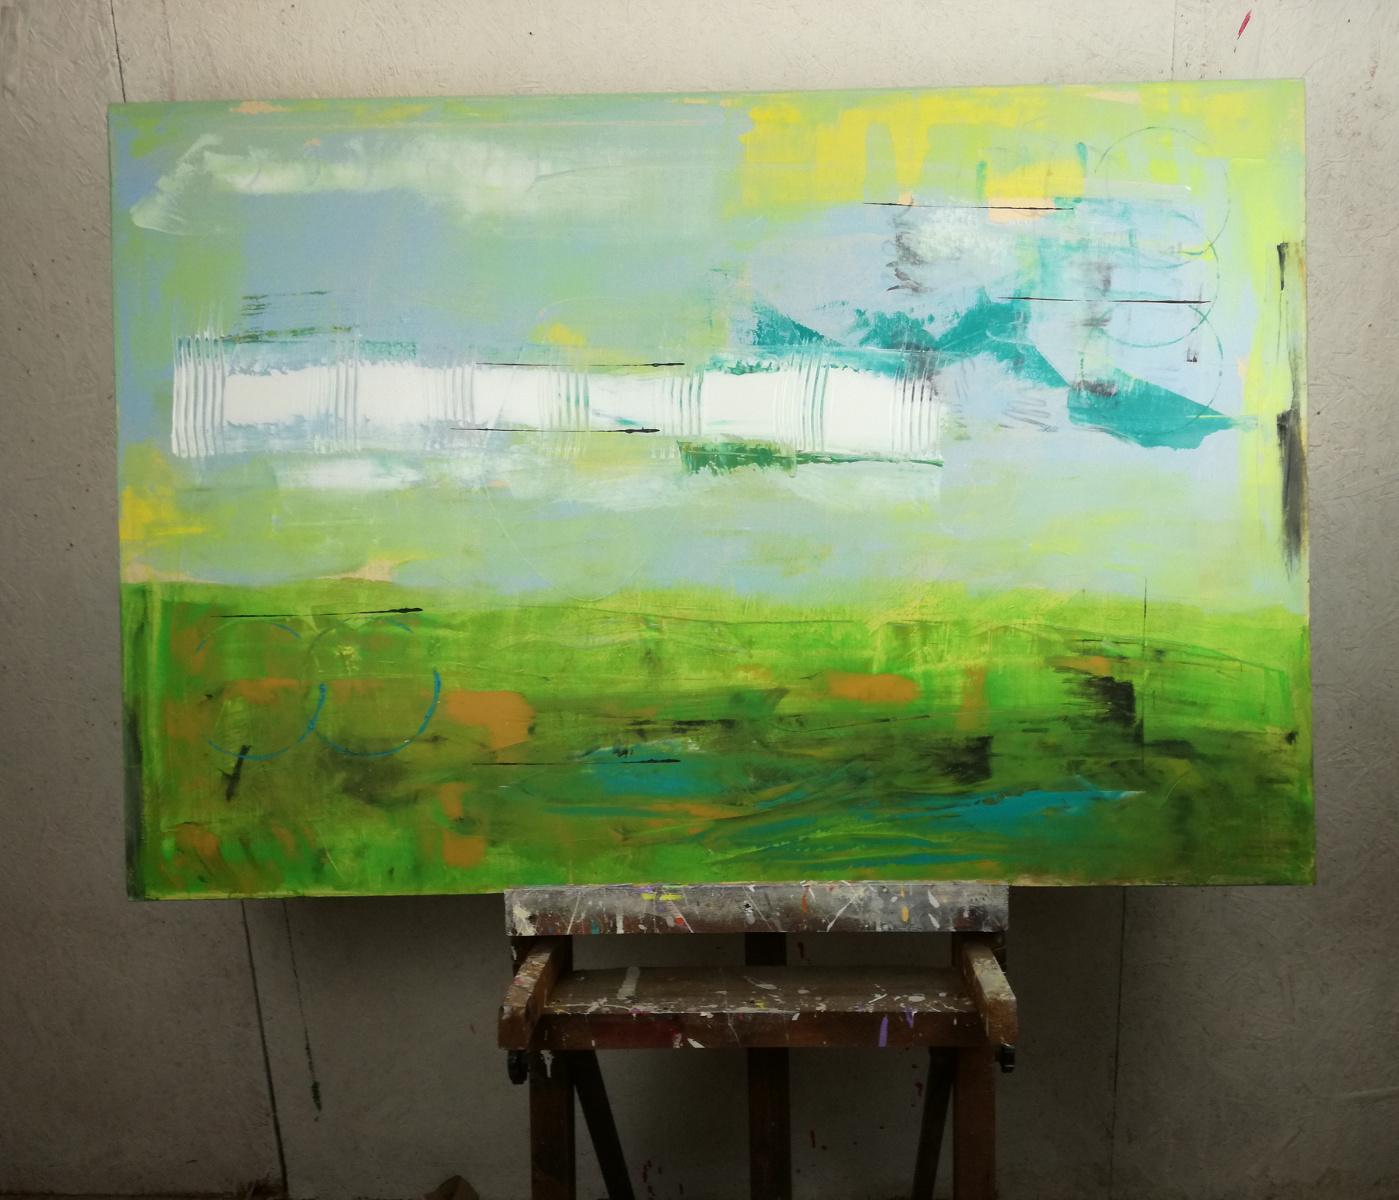 forest 2 astrattostudio - quadri moderni per arredamento contemporaneo 120x80 verde